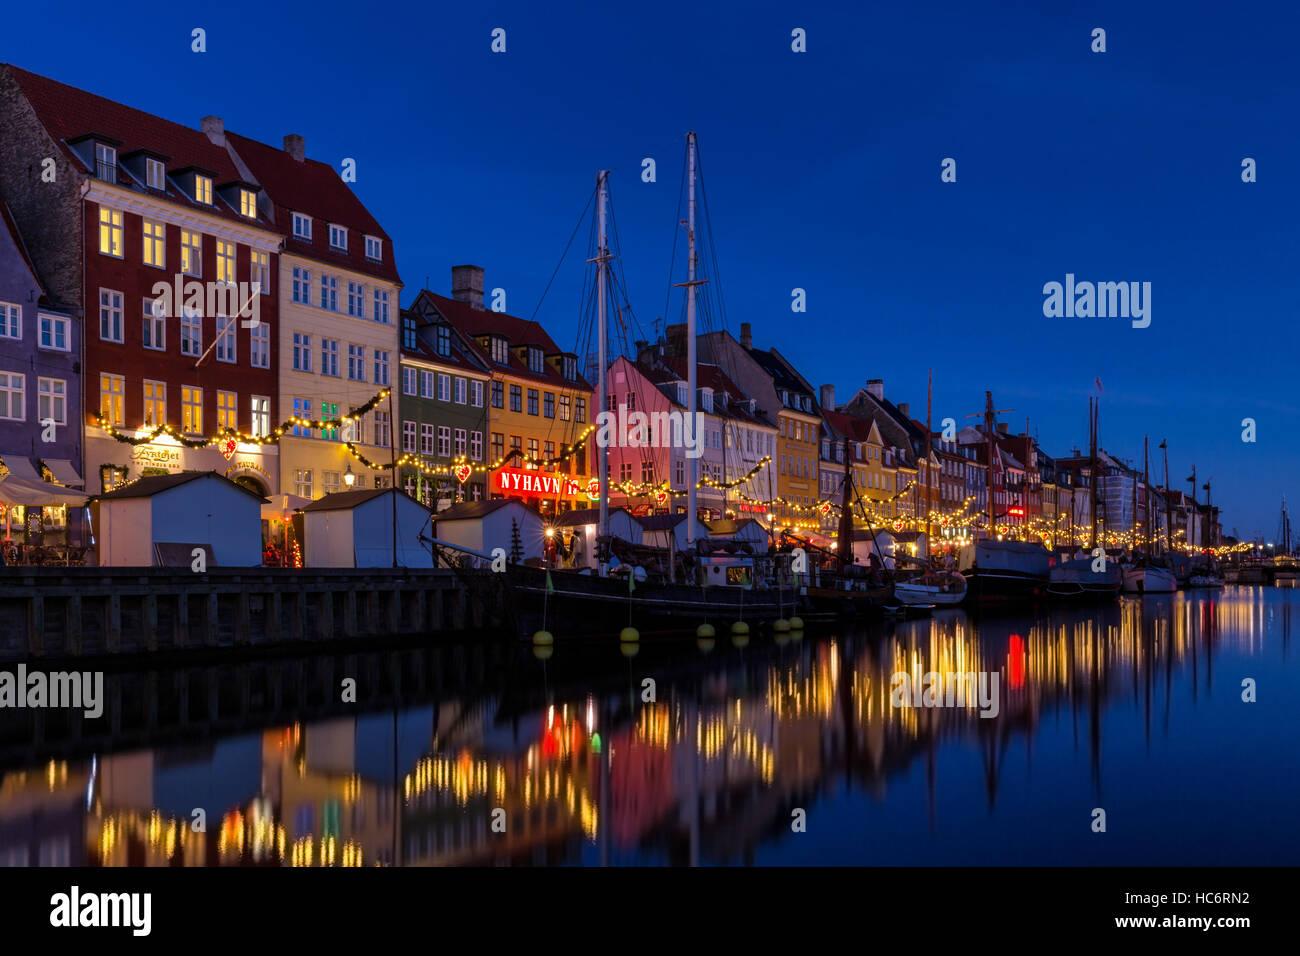 Décoration de Noël le long du canal de Nyhavn, Copenhague, Danemark Photo Stock